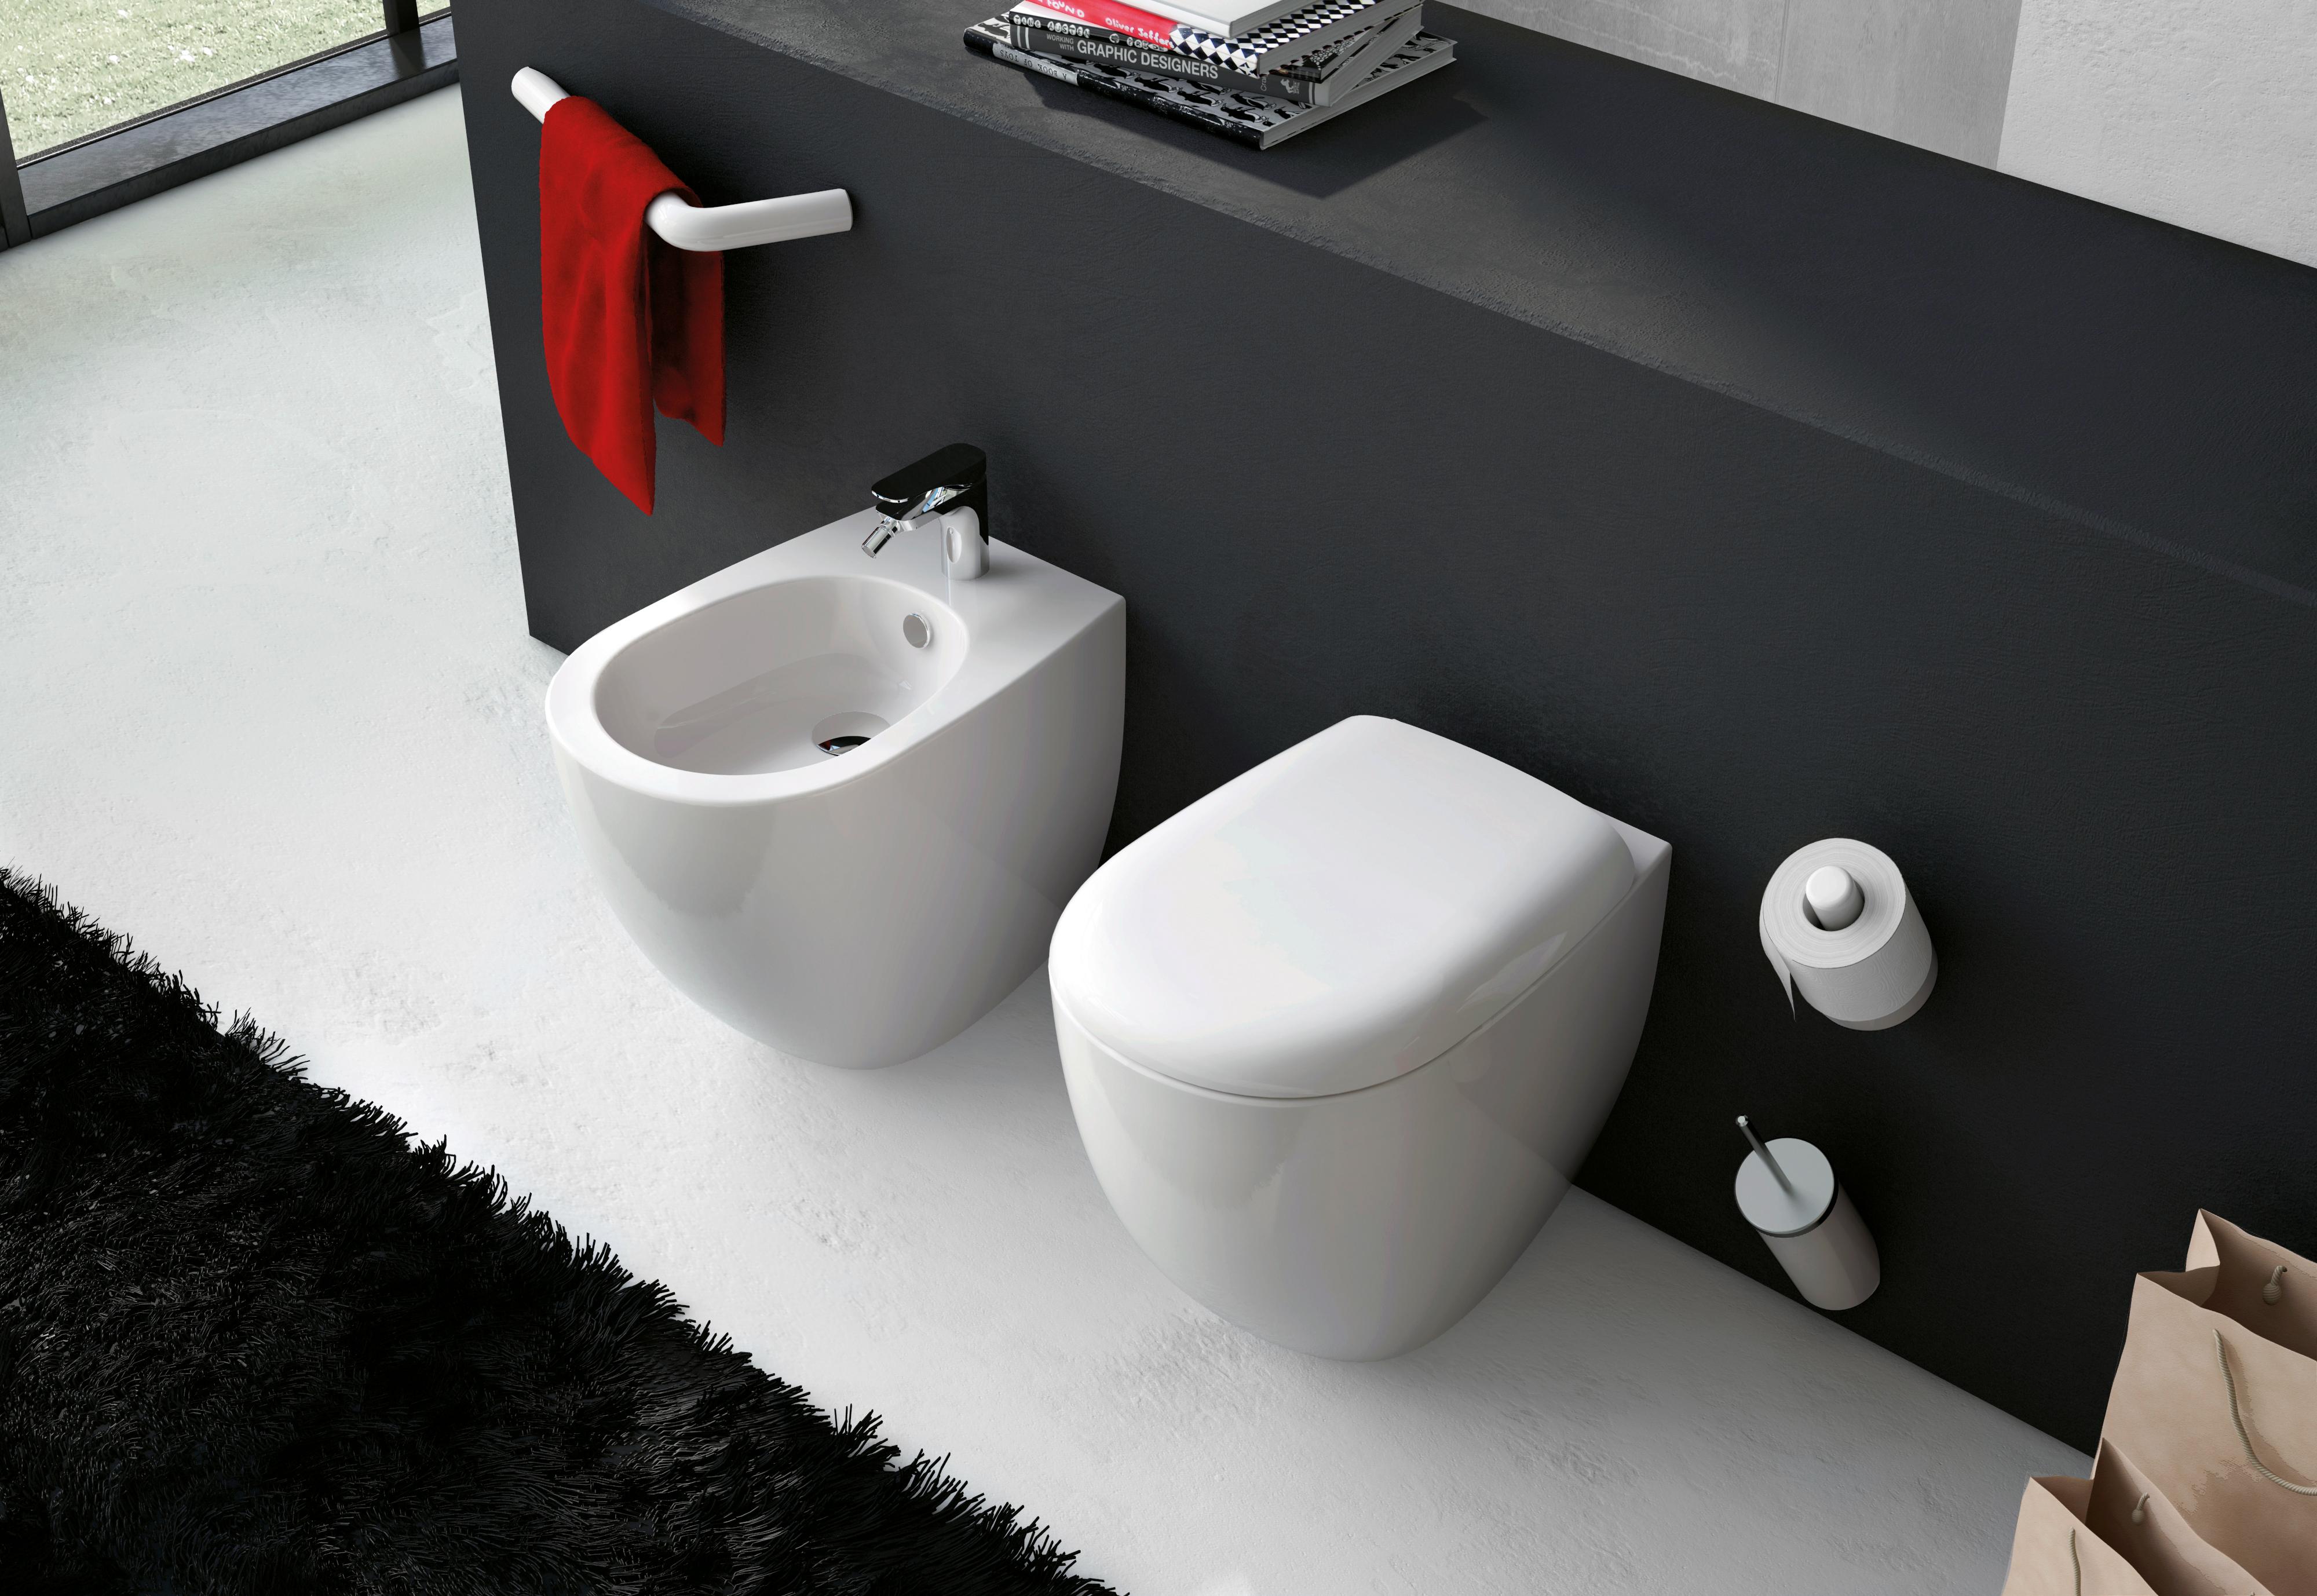 Installatie Van Een Hygienische Douche 38 Foto S Hoe Een Wandgemonteerde Mixer In Het Toilet Te Installeren Met Uw Eigen Handen Hoogte Van Plaatsing Hoe Correct Te Verbinden